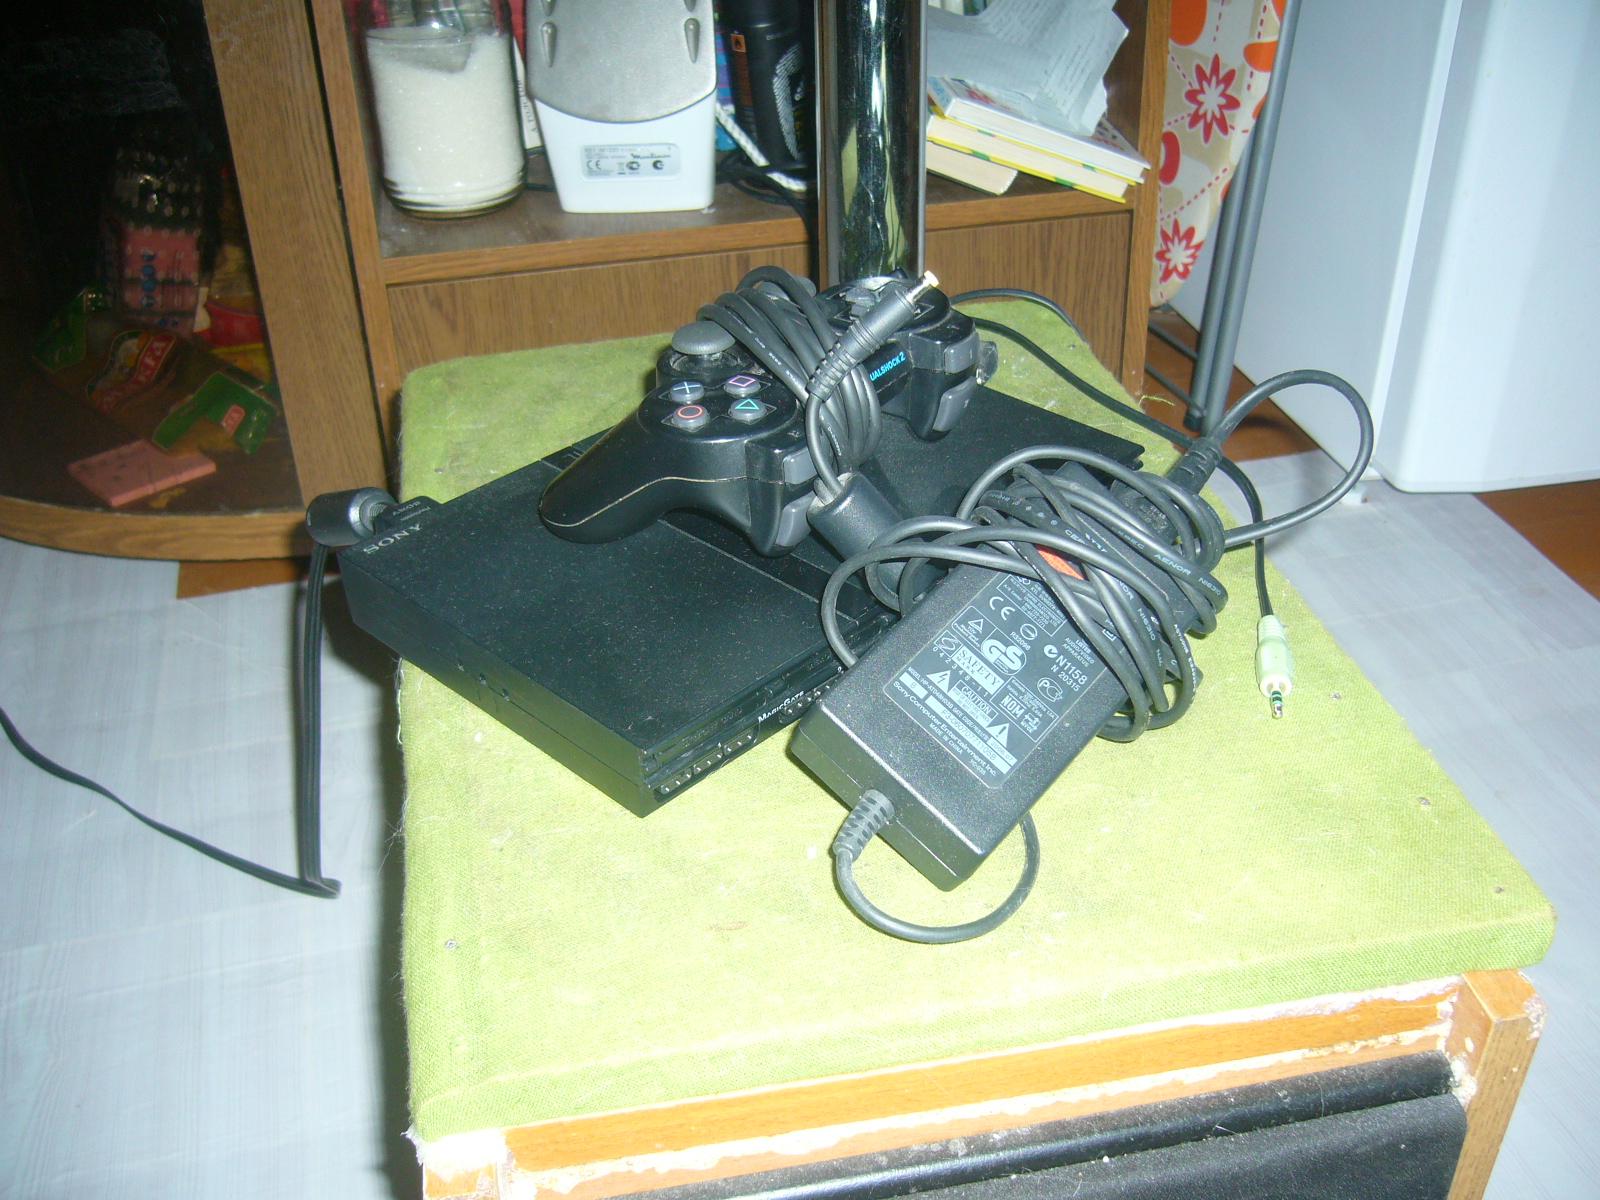 Прошивка\взлом консоли PS2. почти ни у кого нет чипованной приставки,да и с